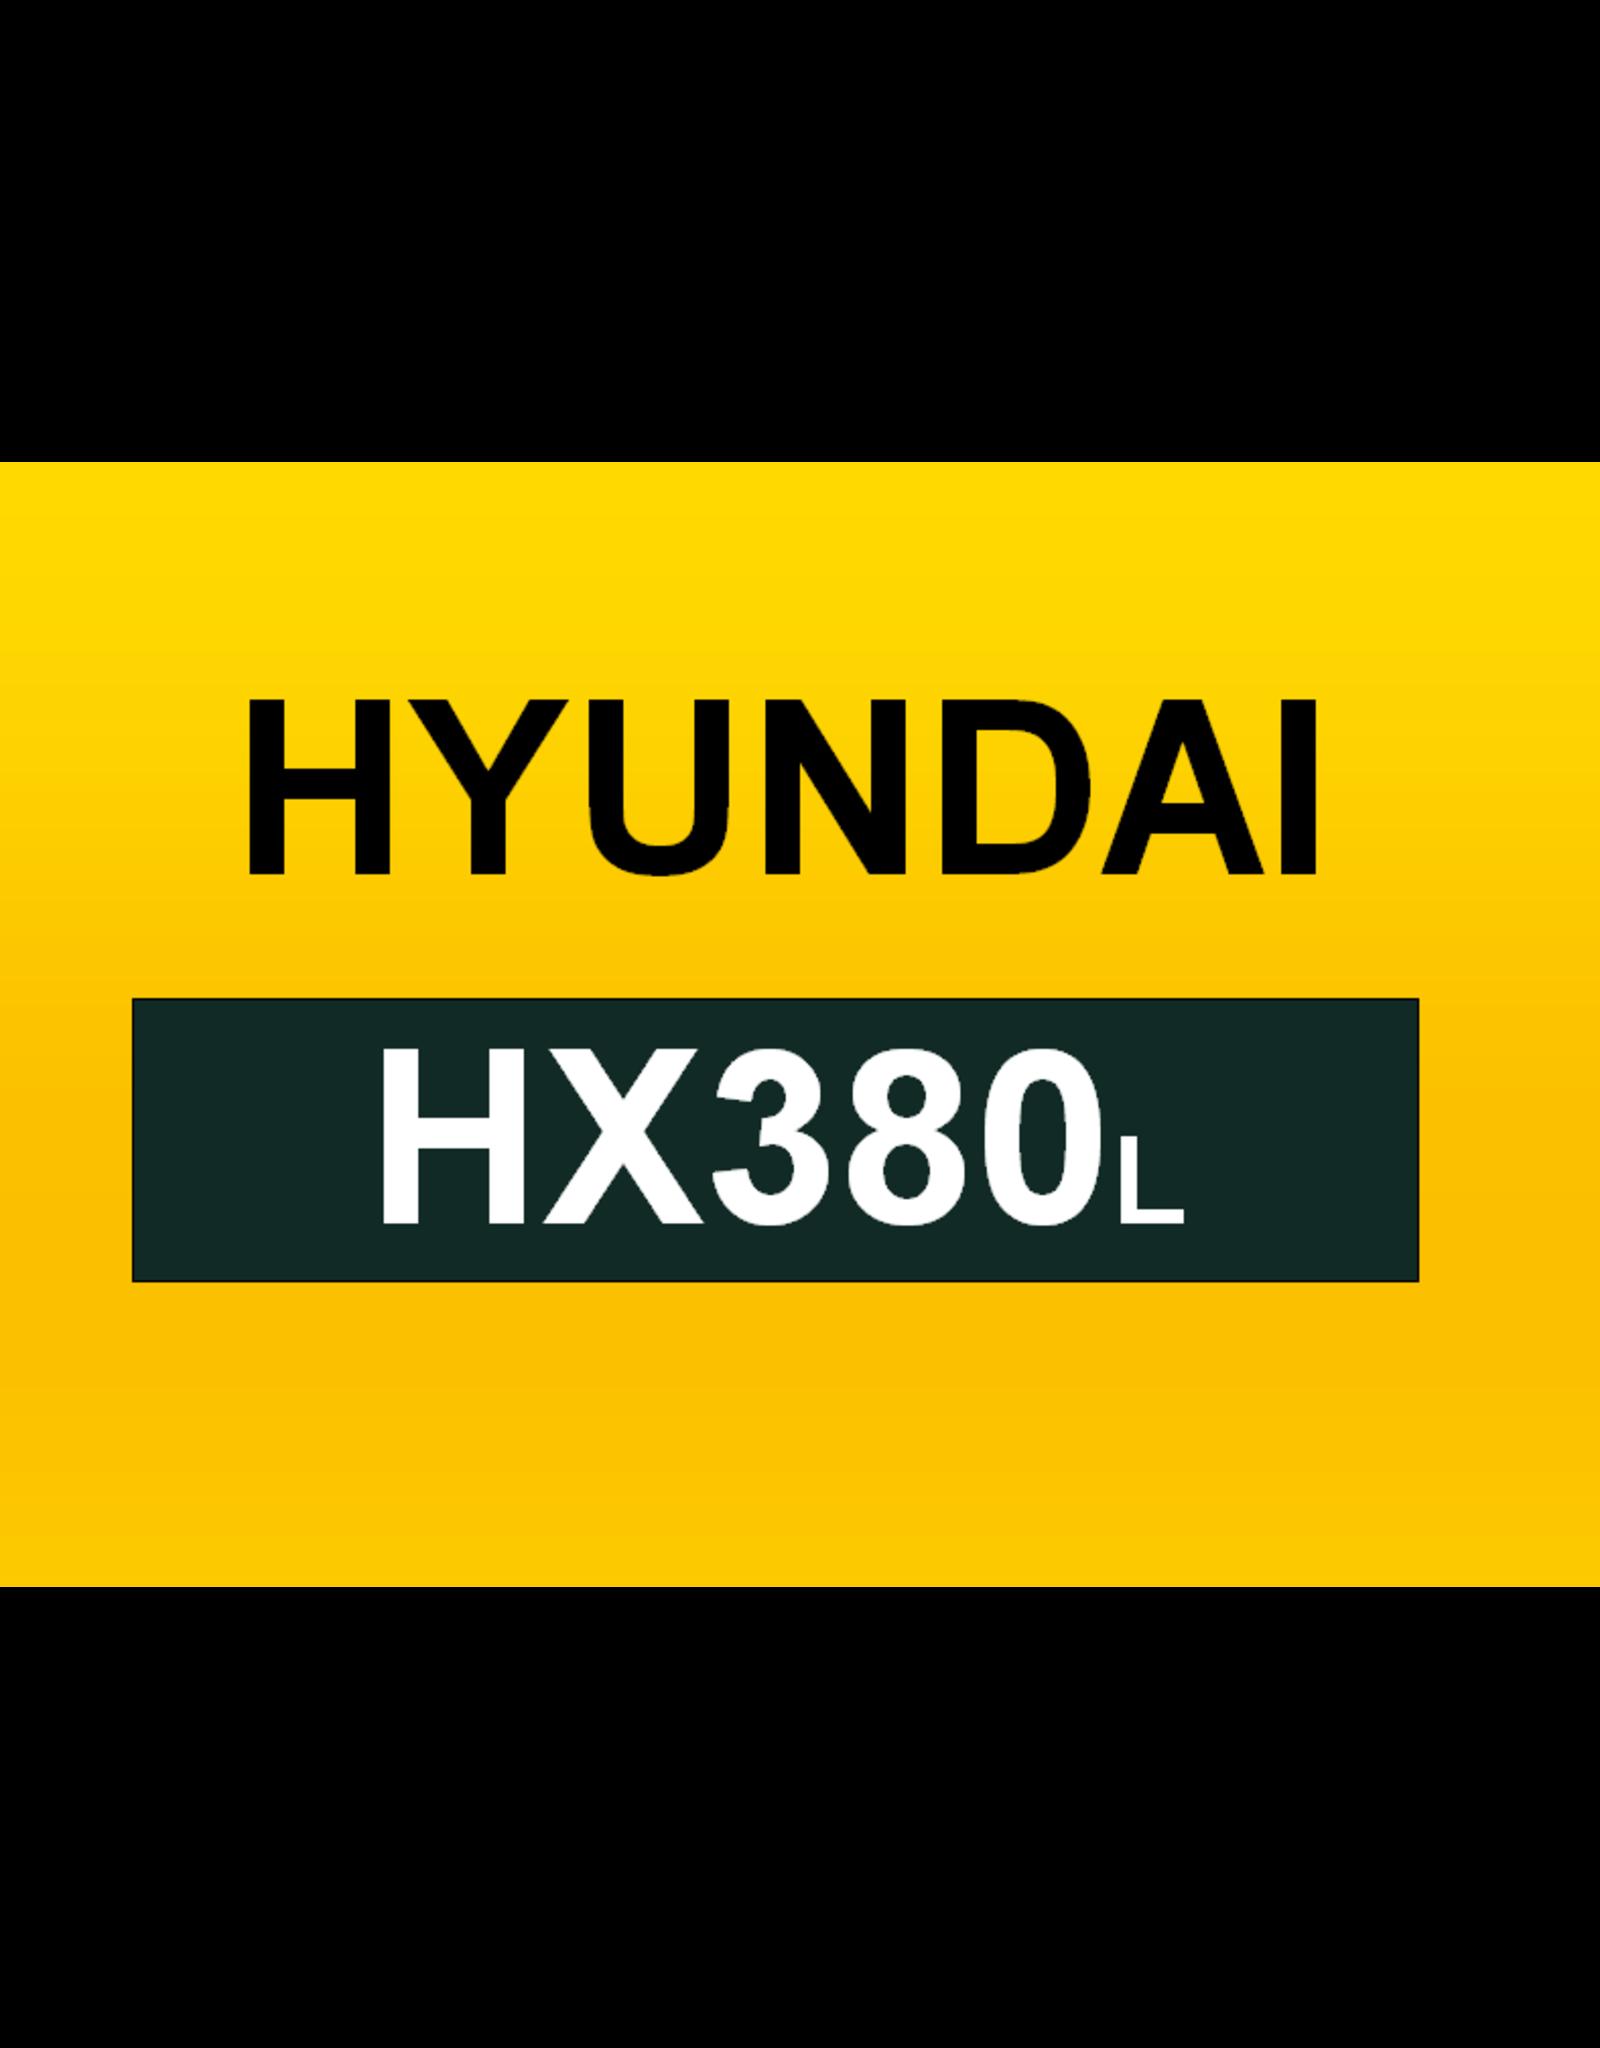 Echle Hartstahl GmbH FOPS für Hyundai HX380L